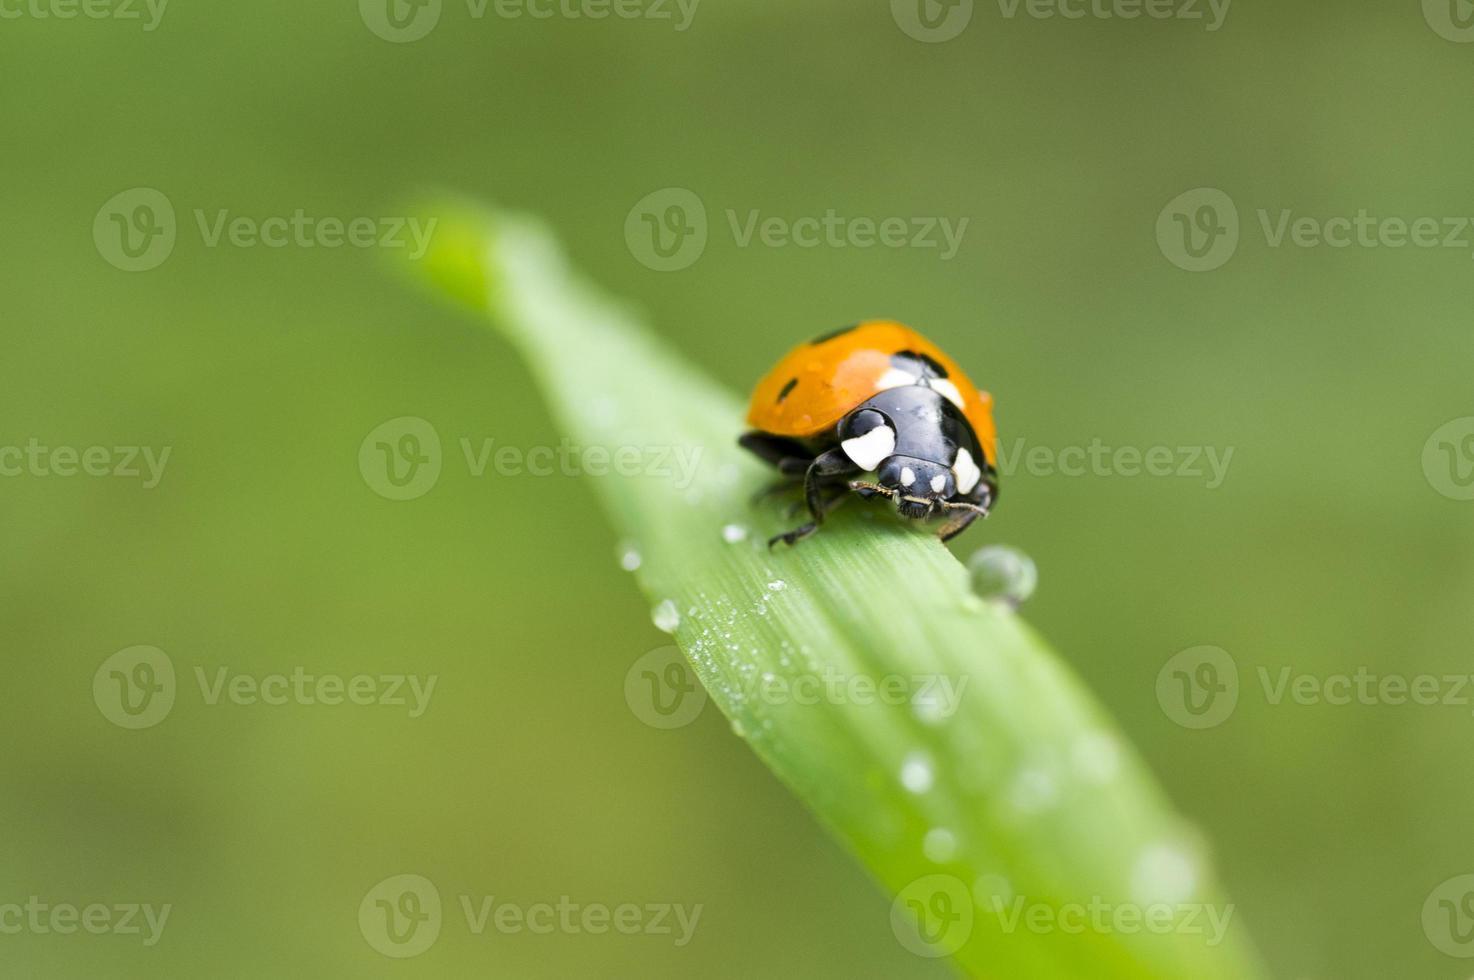 nyckelpiga, på ett gräsblad med morgondagg foto